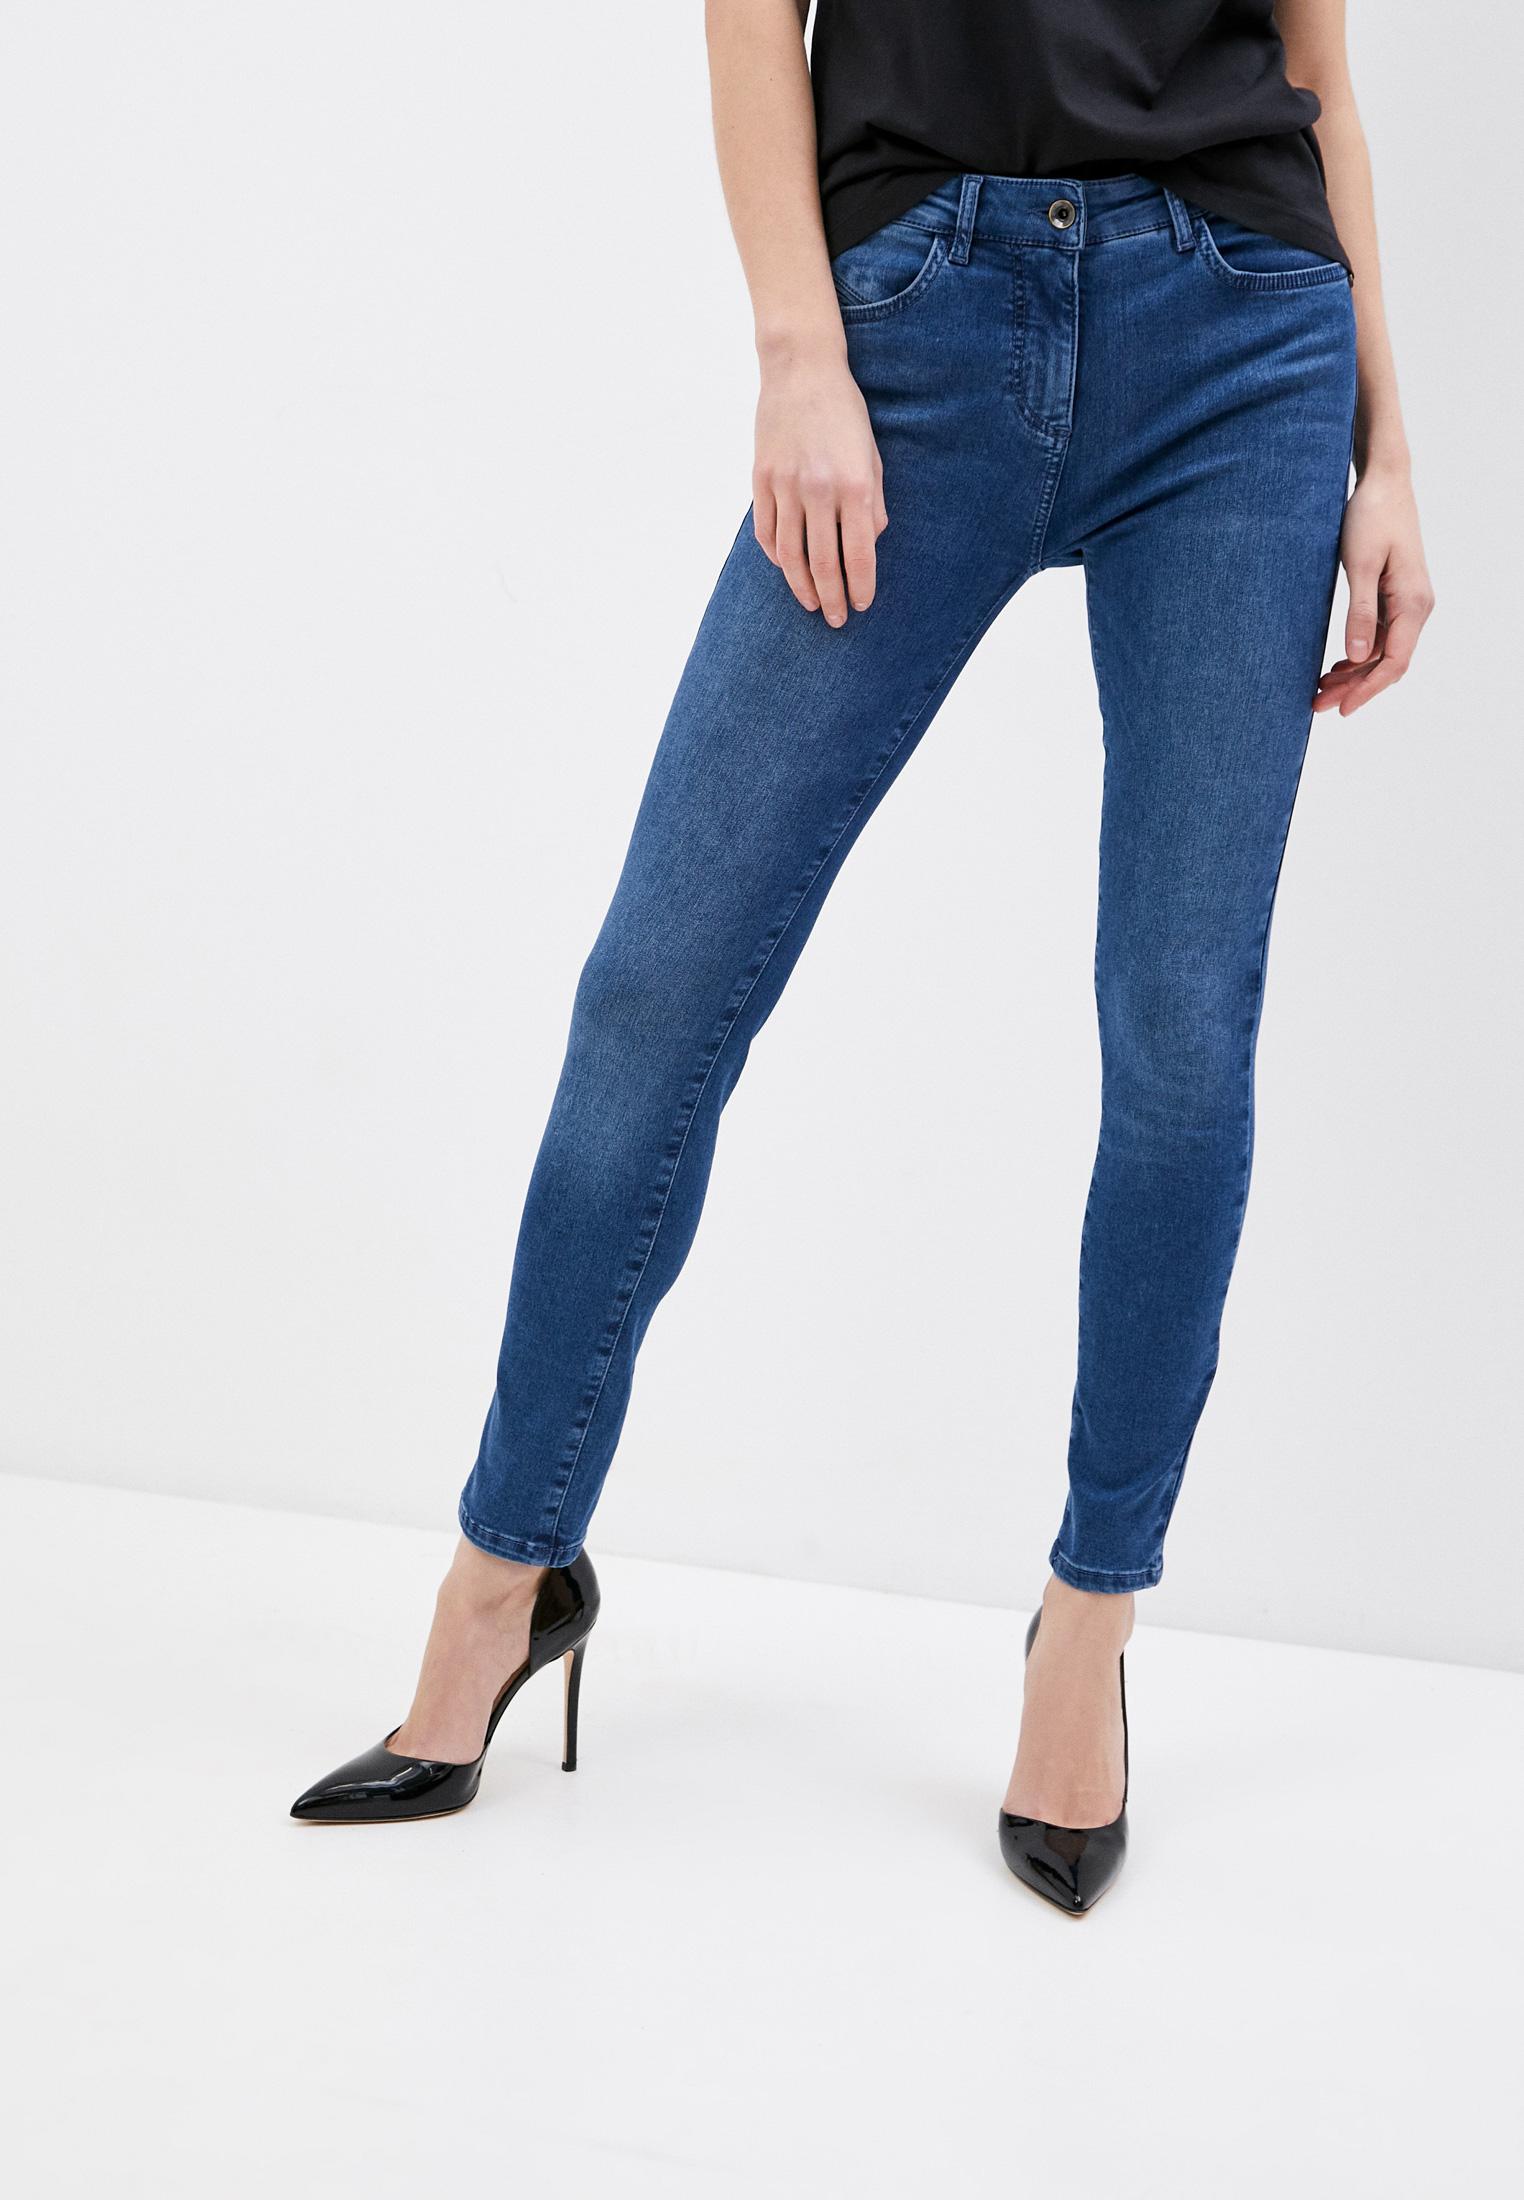 Зауженные джинсы Patrizia Pepe (Патриция Пепе) CJ0509 A1HIB